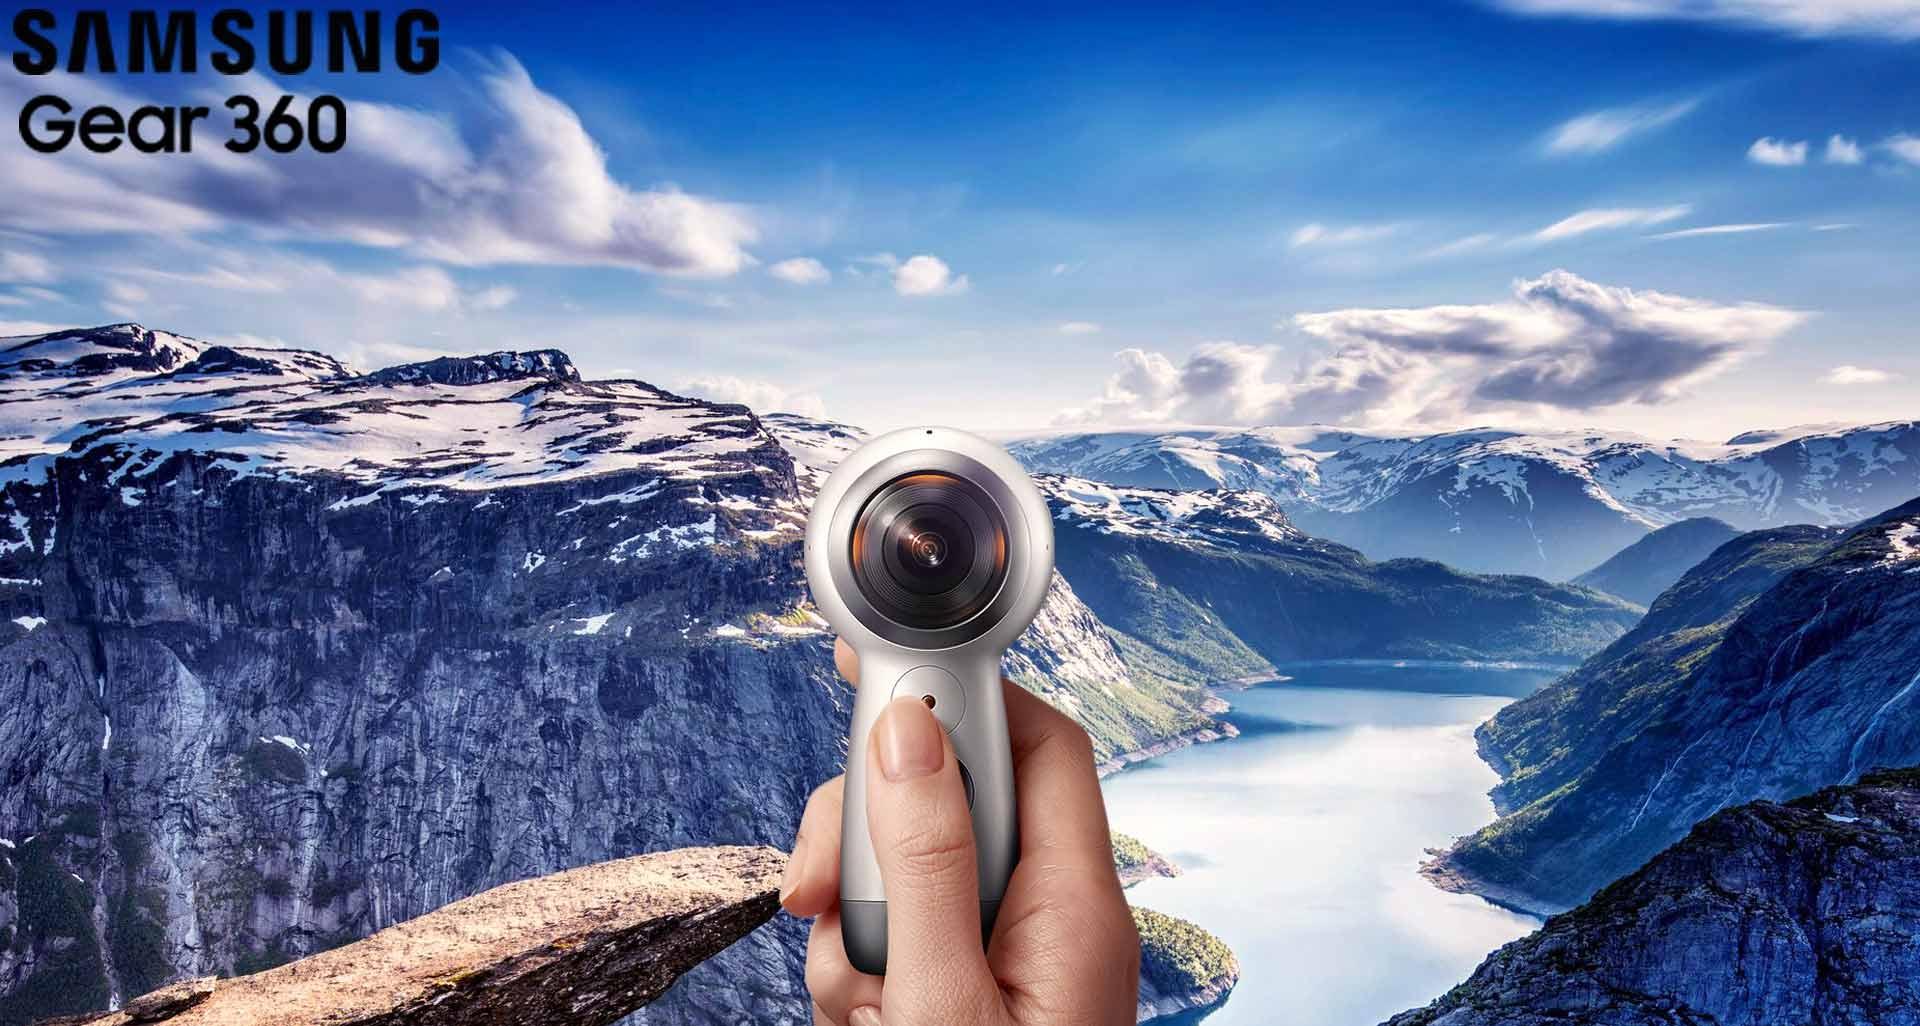 آشنایی با دوربین خارق العاده سامسونگ، گیر 360